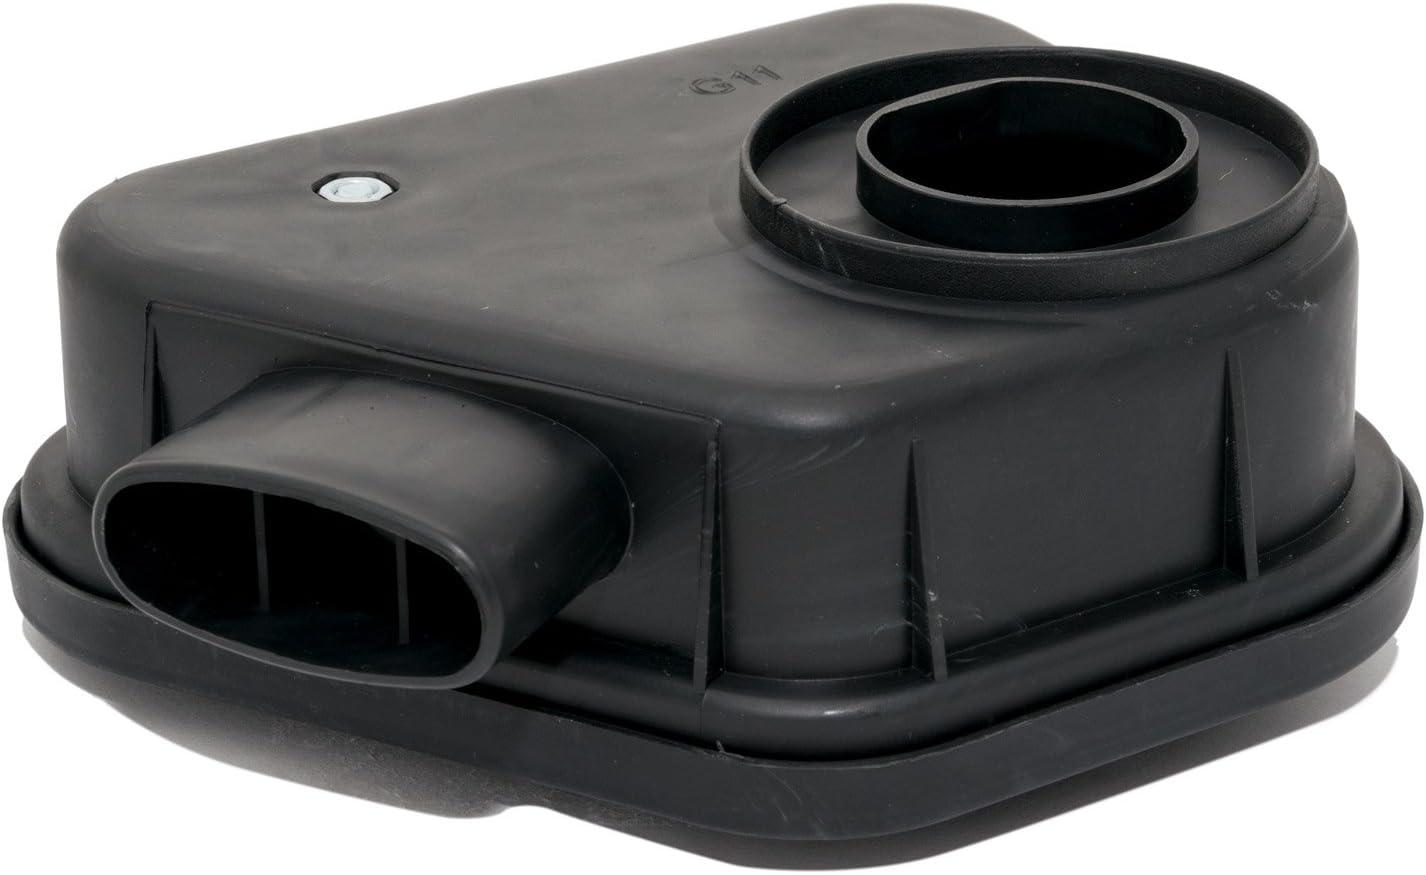 Luftfilter Luftfiltereinlage Rms Für Piaggio Ape 50 Auto